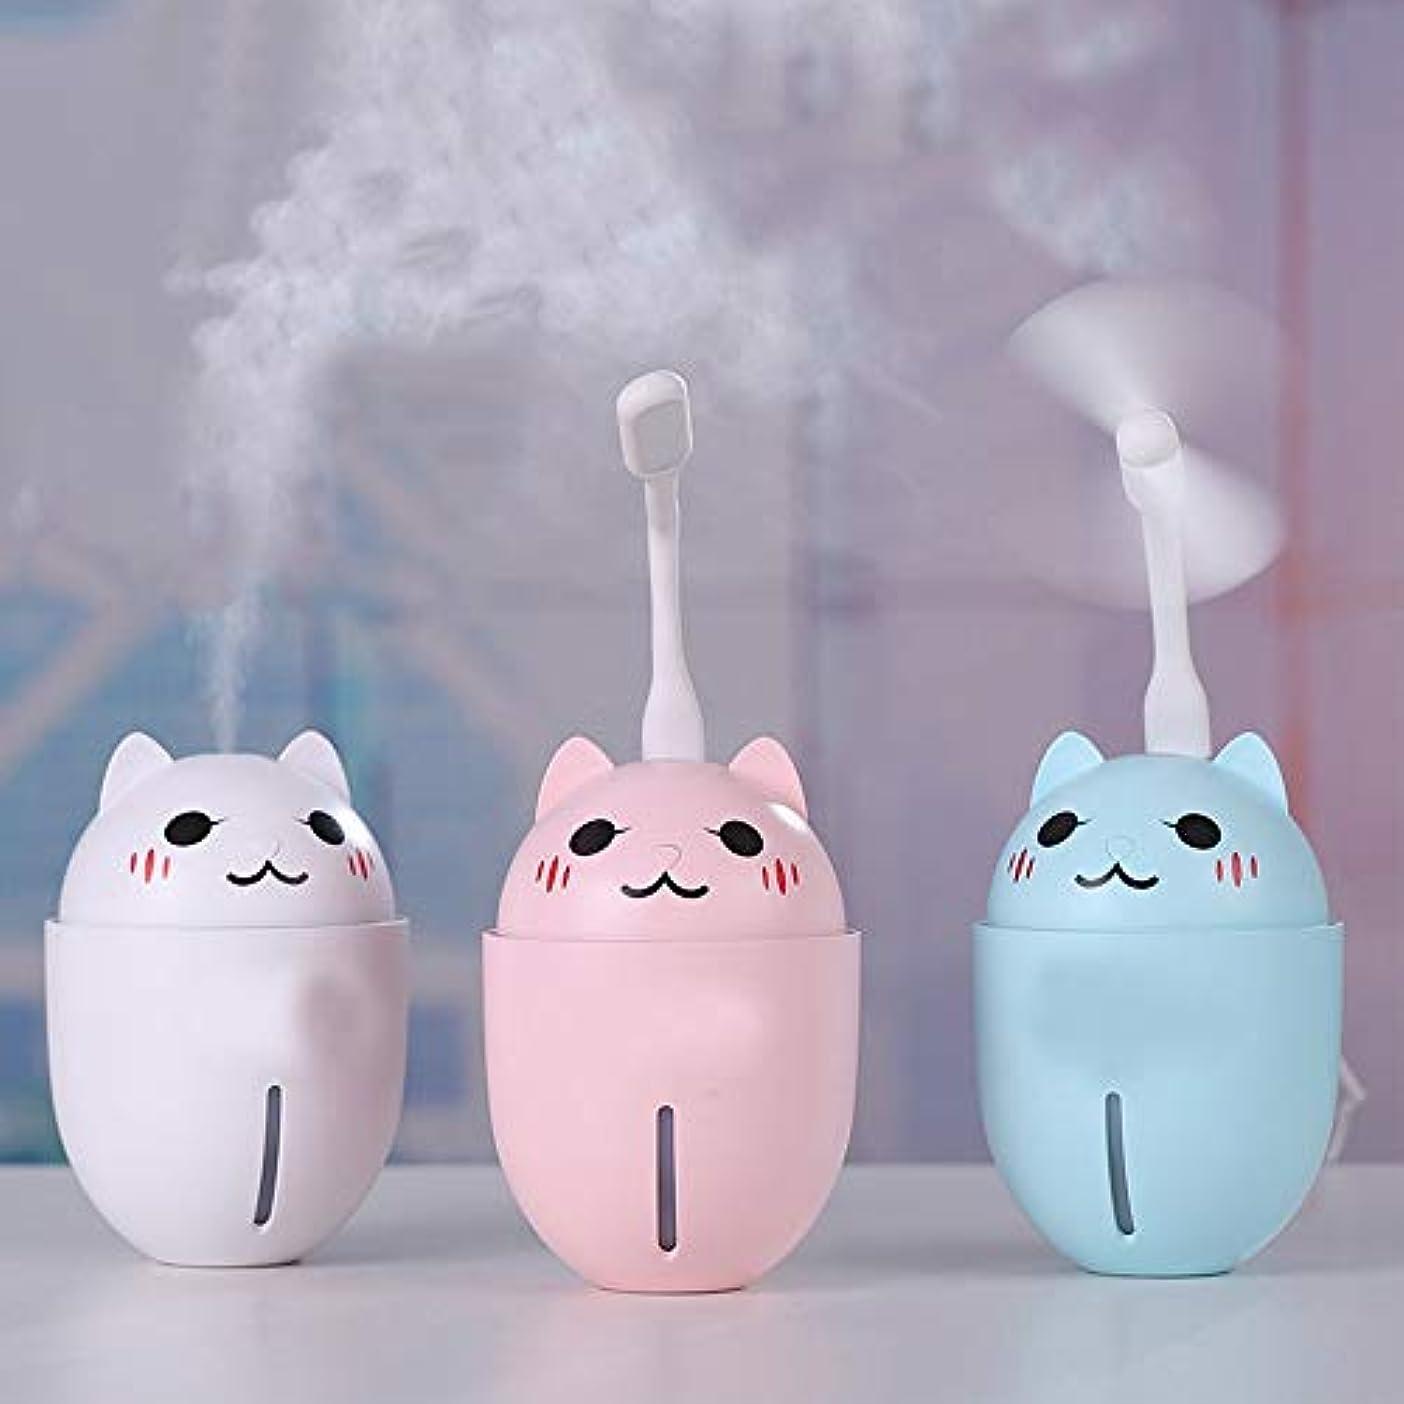 把握献身レルムZXF 新しいクリエイティブかわいいペット猫加湿器家庭用電化製品3つ1つでミニusb水道メーターファンナイトライトブルーピンクホワイト 滑らかである (色 : Pink)